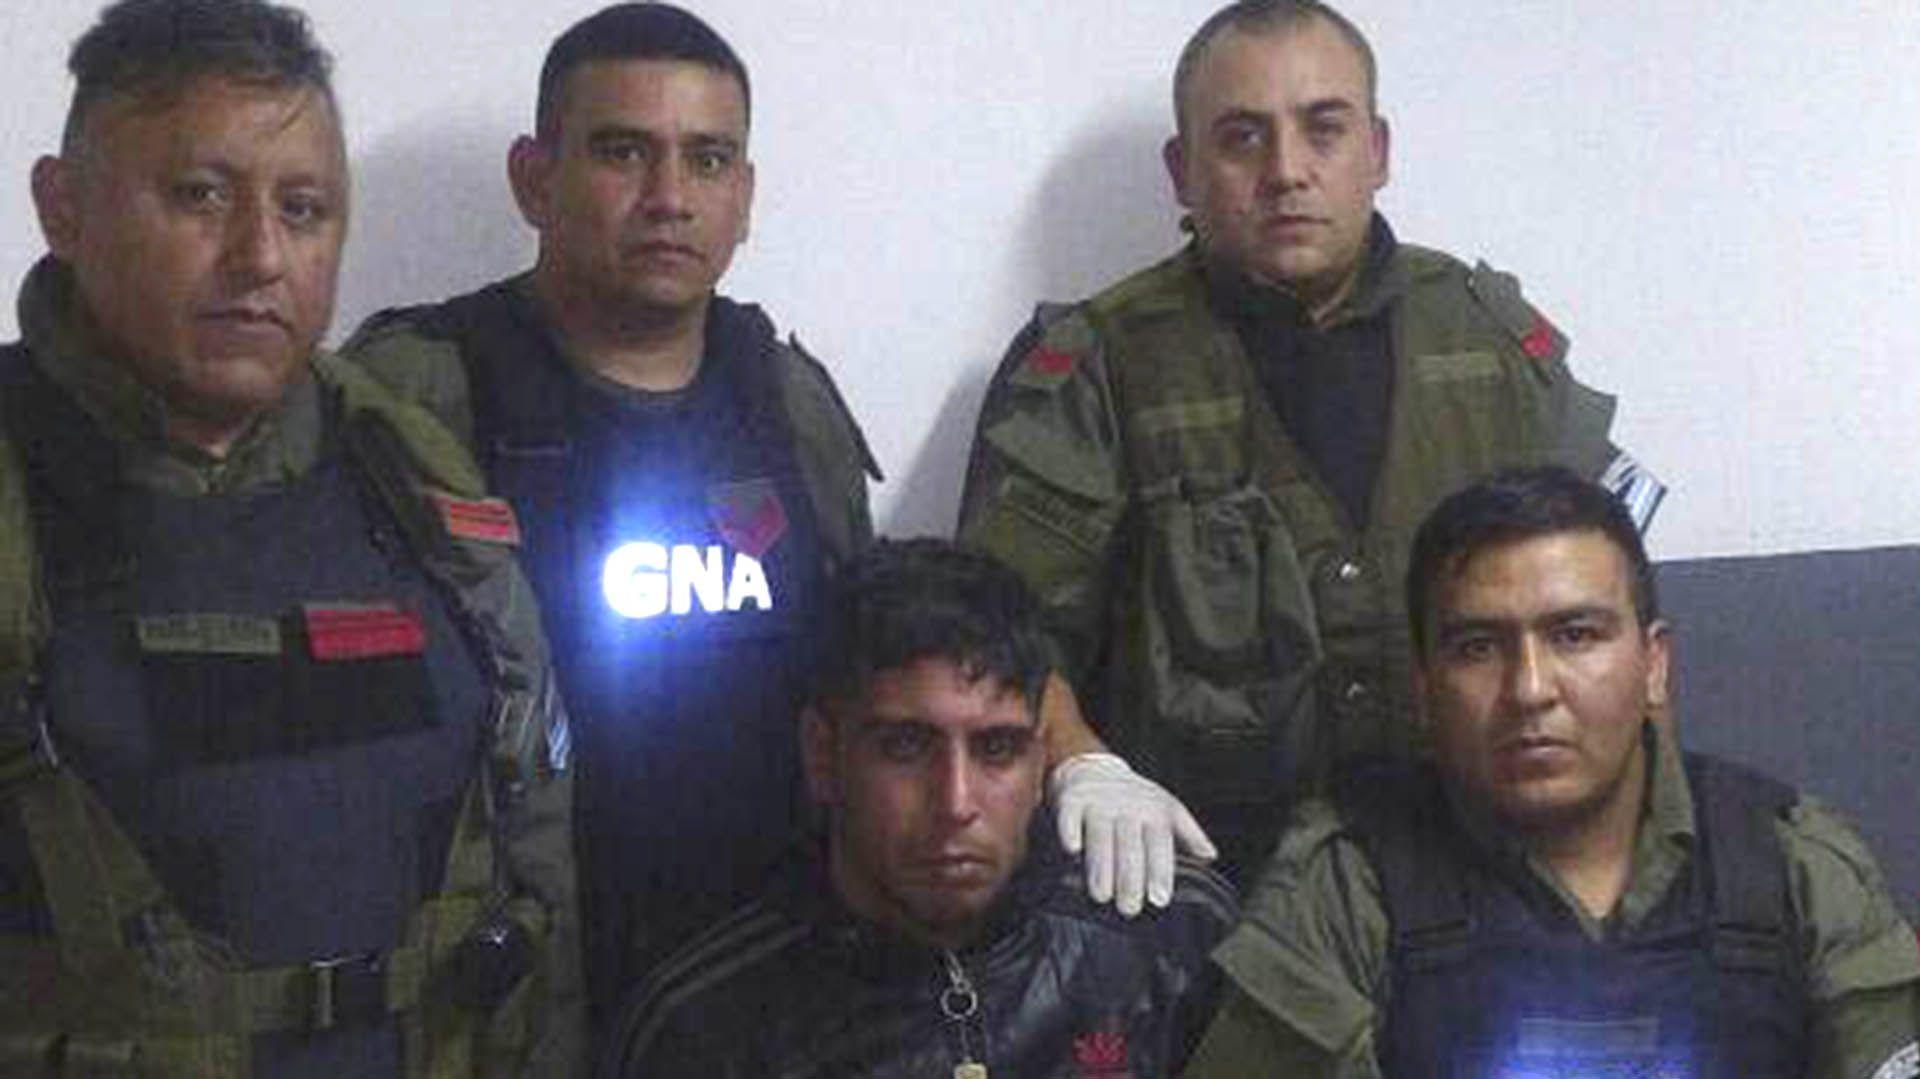 En abril del 2019 presos mataron a golpes y con agua hirviendo al por entonces único detenido por el crimen de Fulles, Darío Gastón Badaracco Ferreyra (Foto NA)